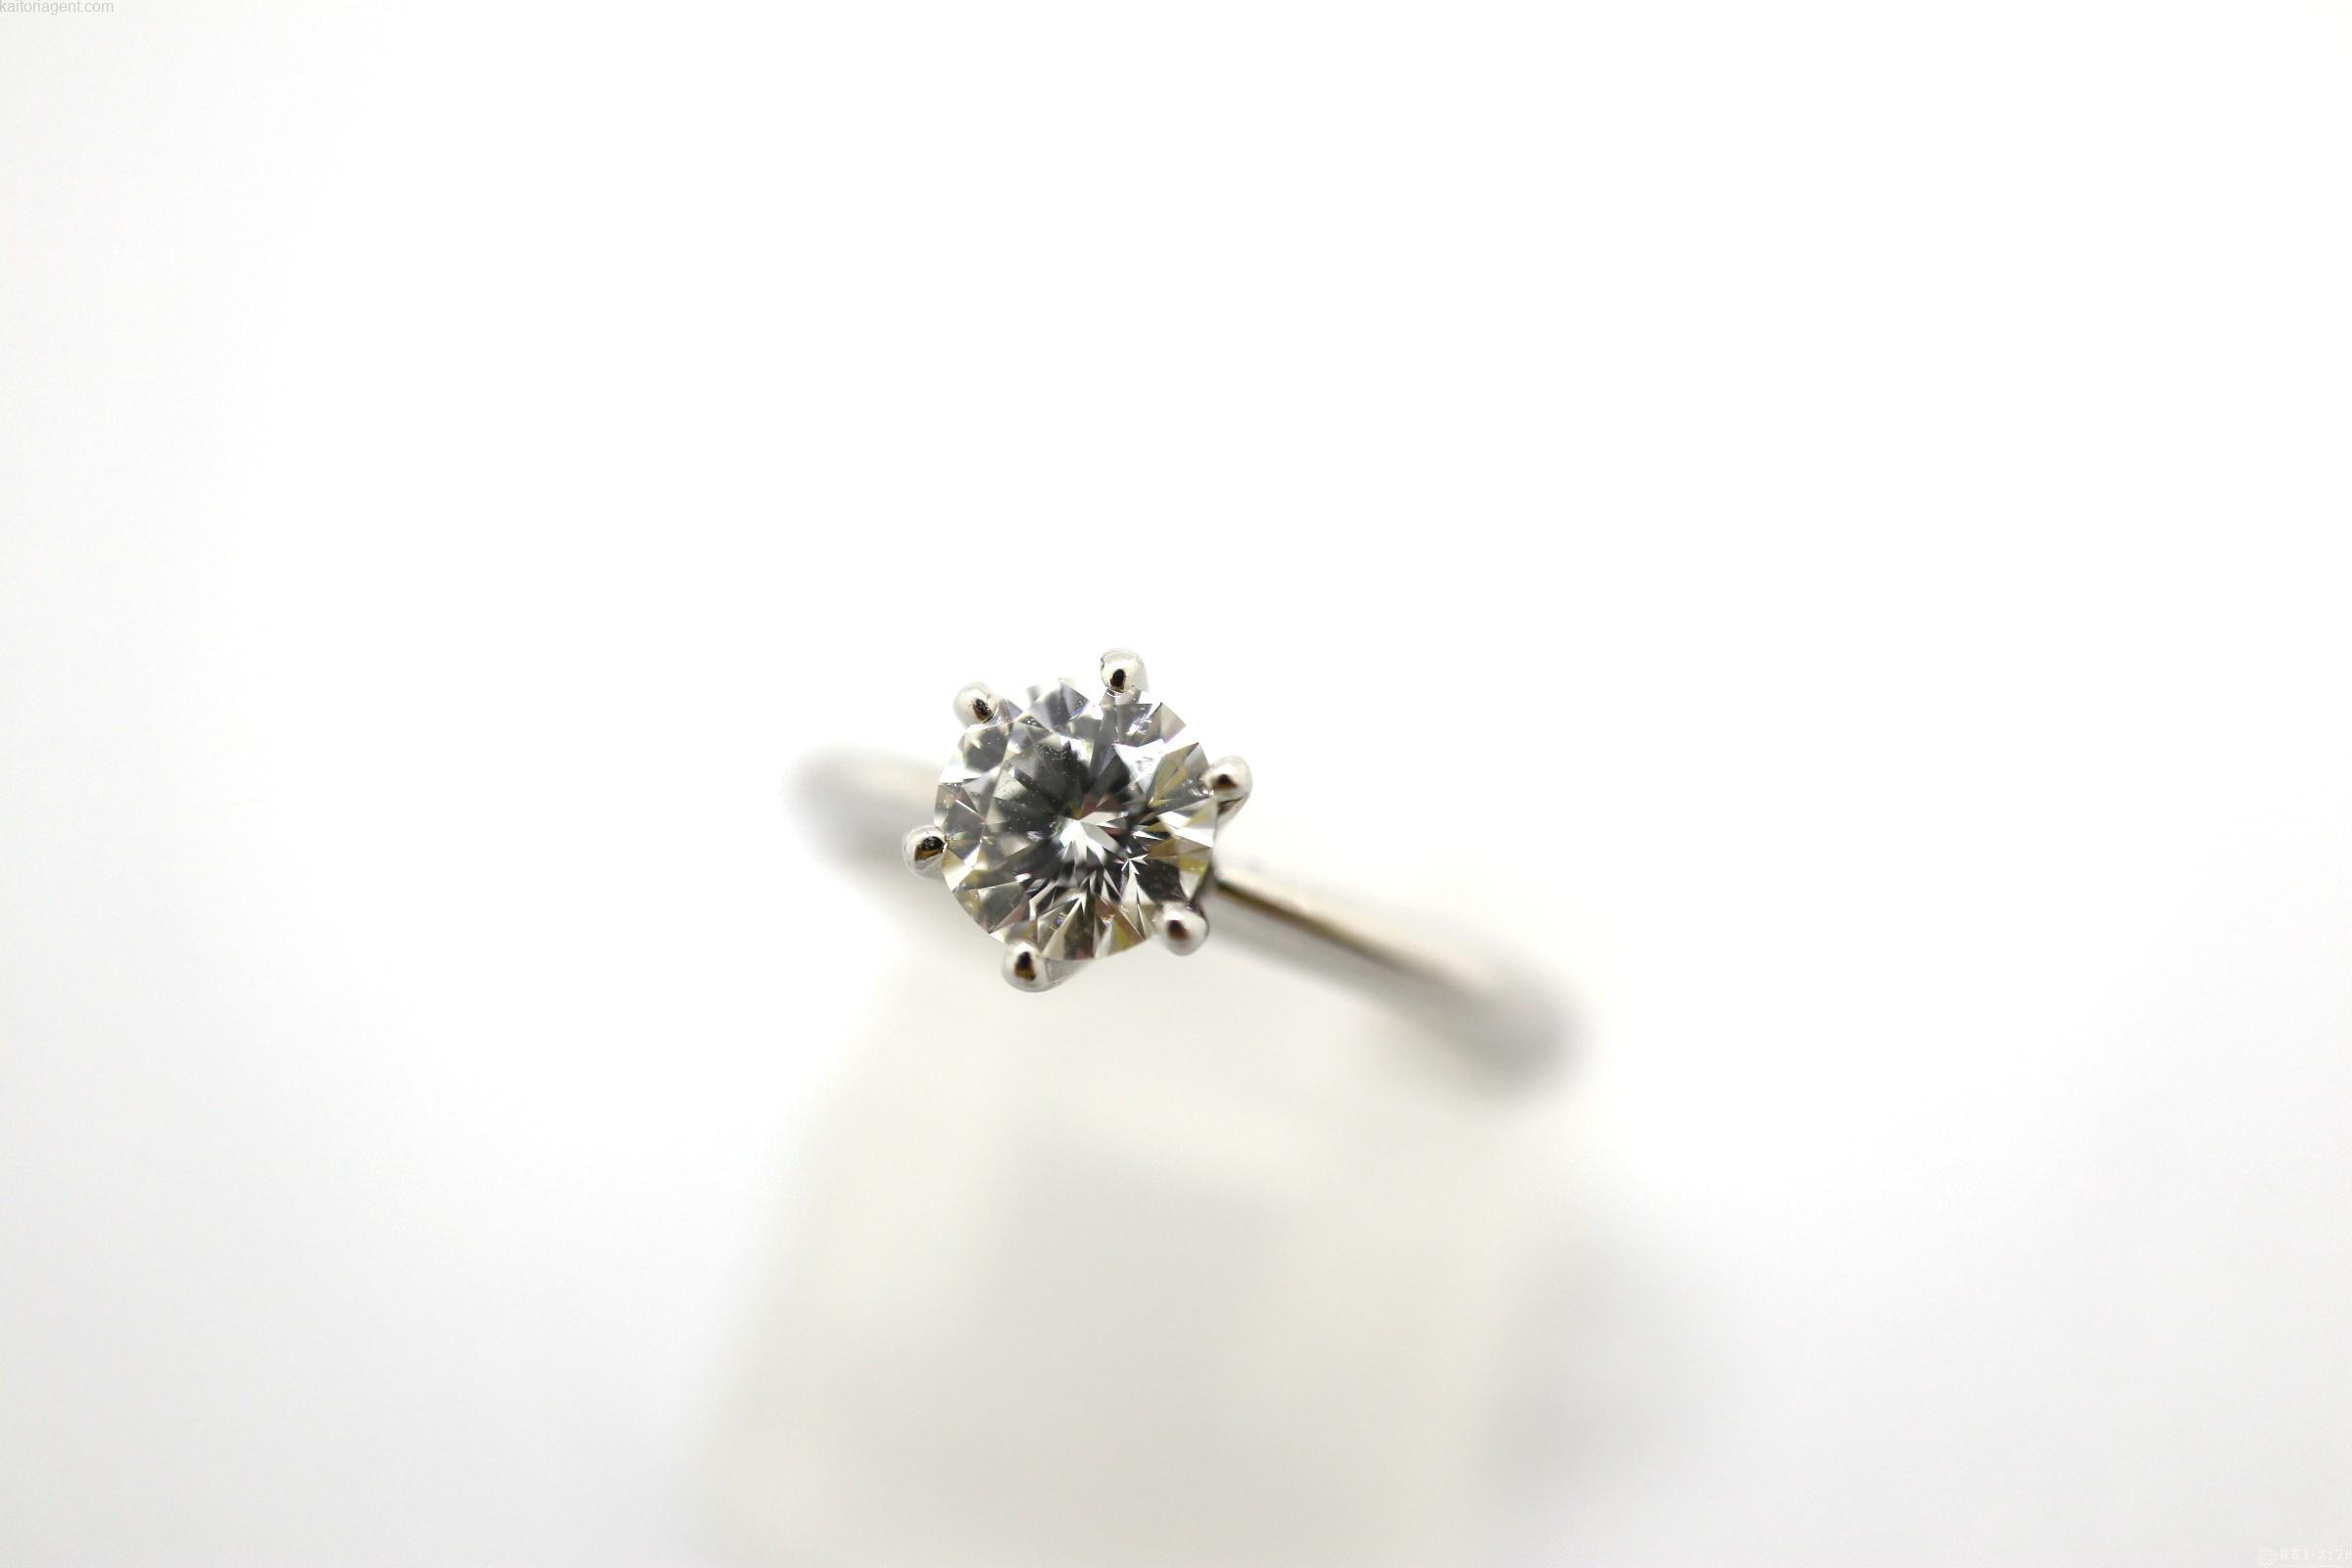 【宝石】ダイヤモンド 【素材】プラチナ の画像